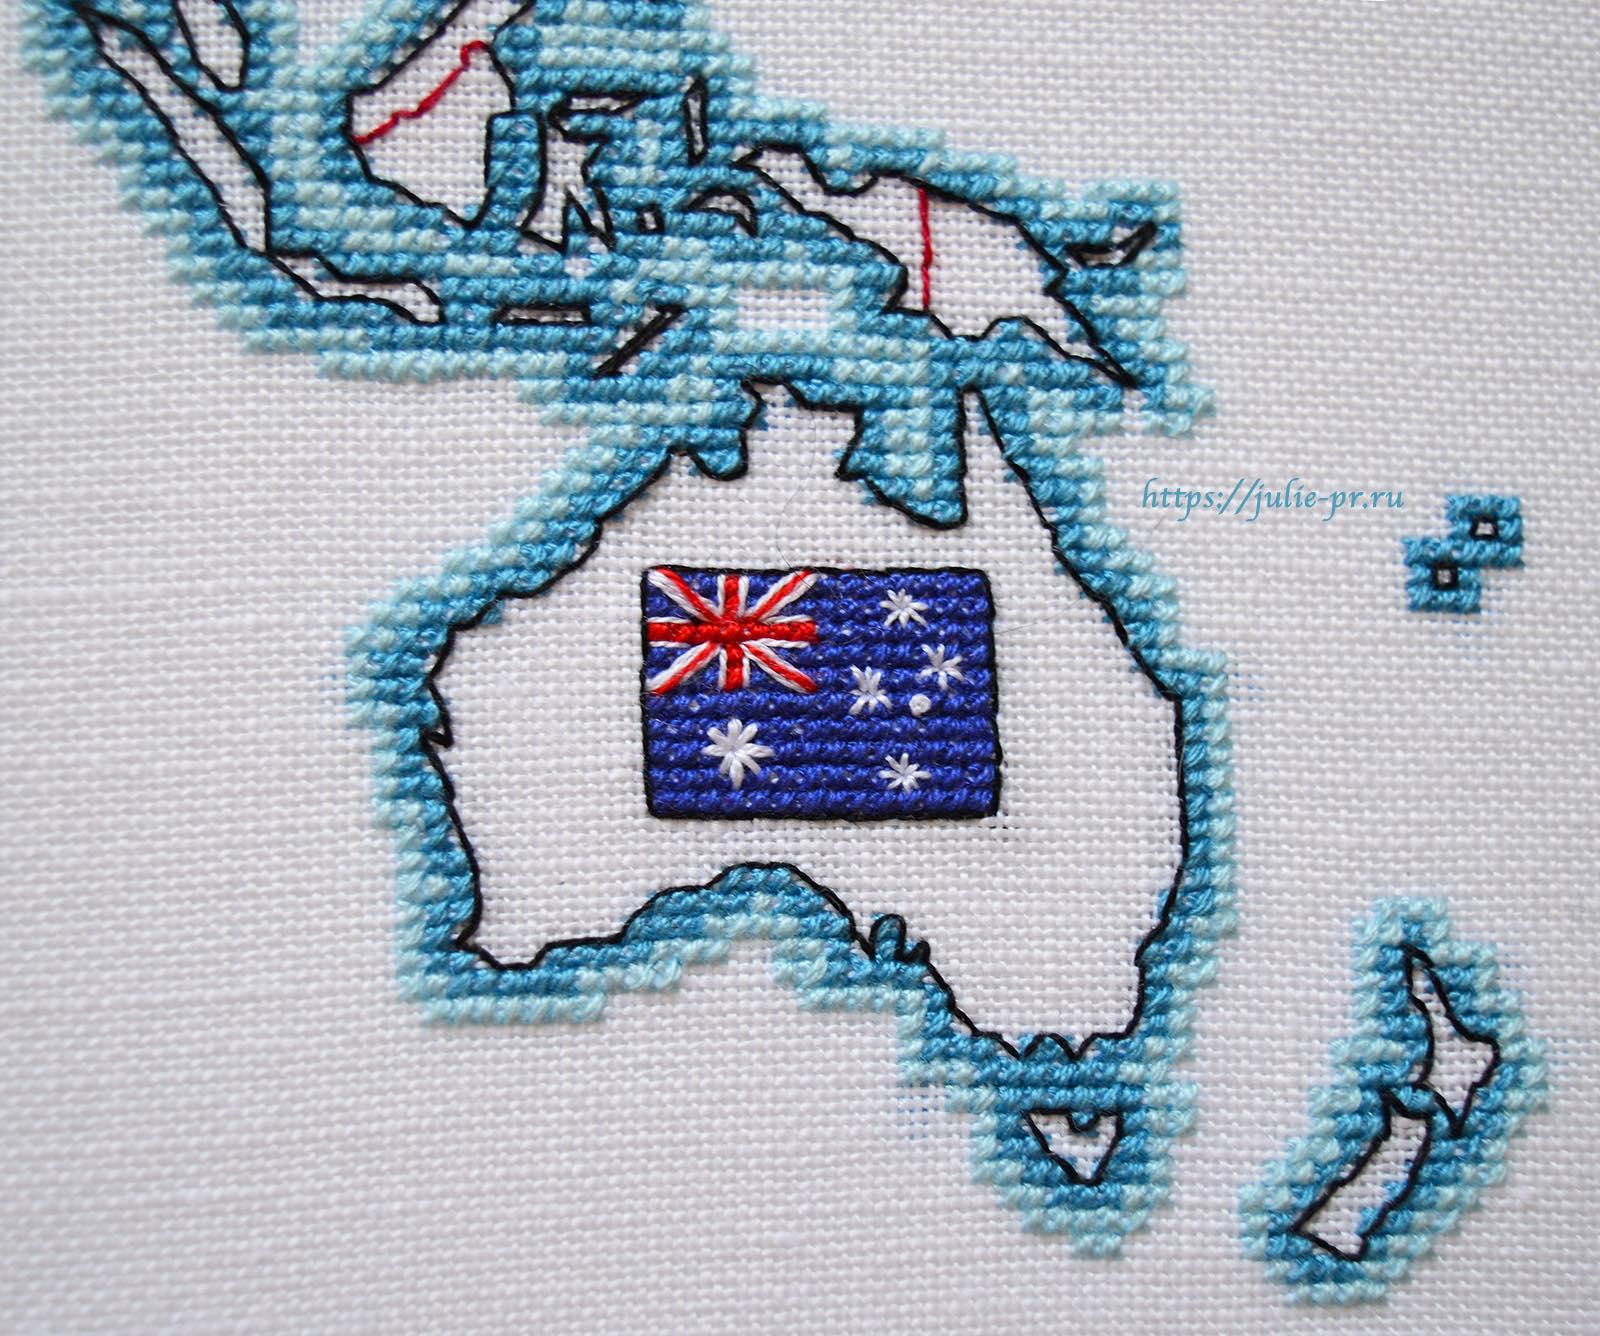 Вышивка крестом DMC K3413 DMC K3413 - Oceania collection, Карта мира. Австралия